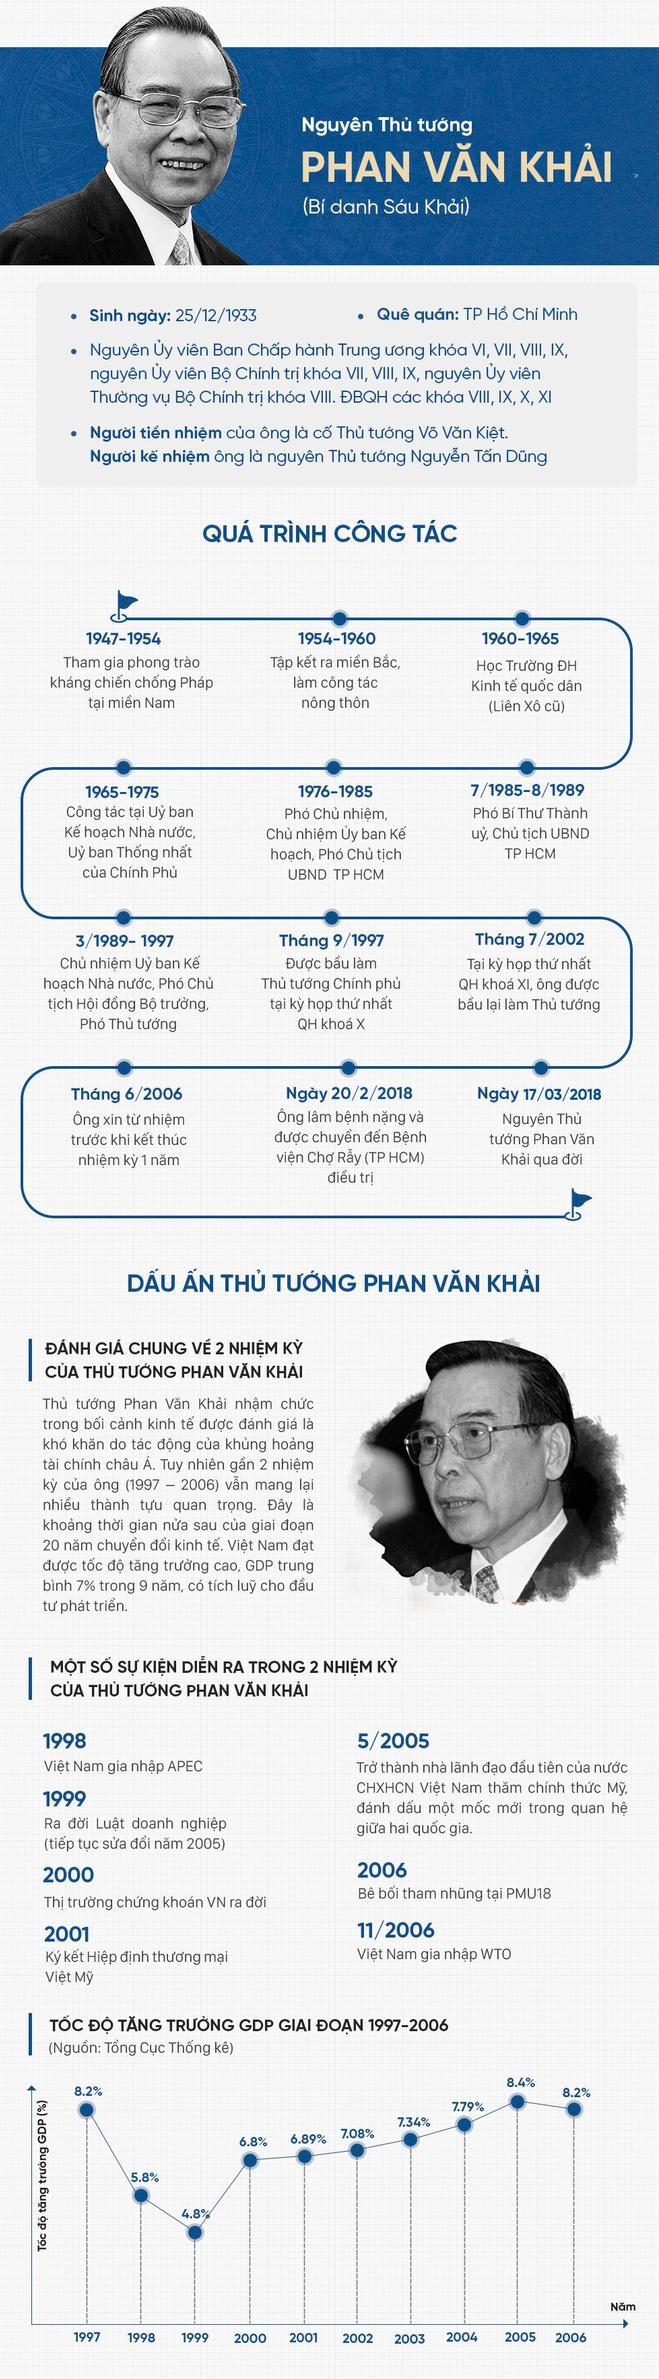 Phát ngôn ấn tượng của ông Phan Văn Khải trên cương vị Thủ tướng Chính phủ - Ảnh 2.